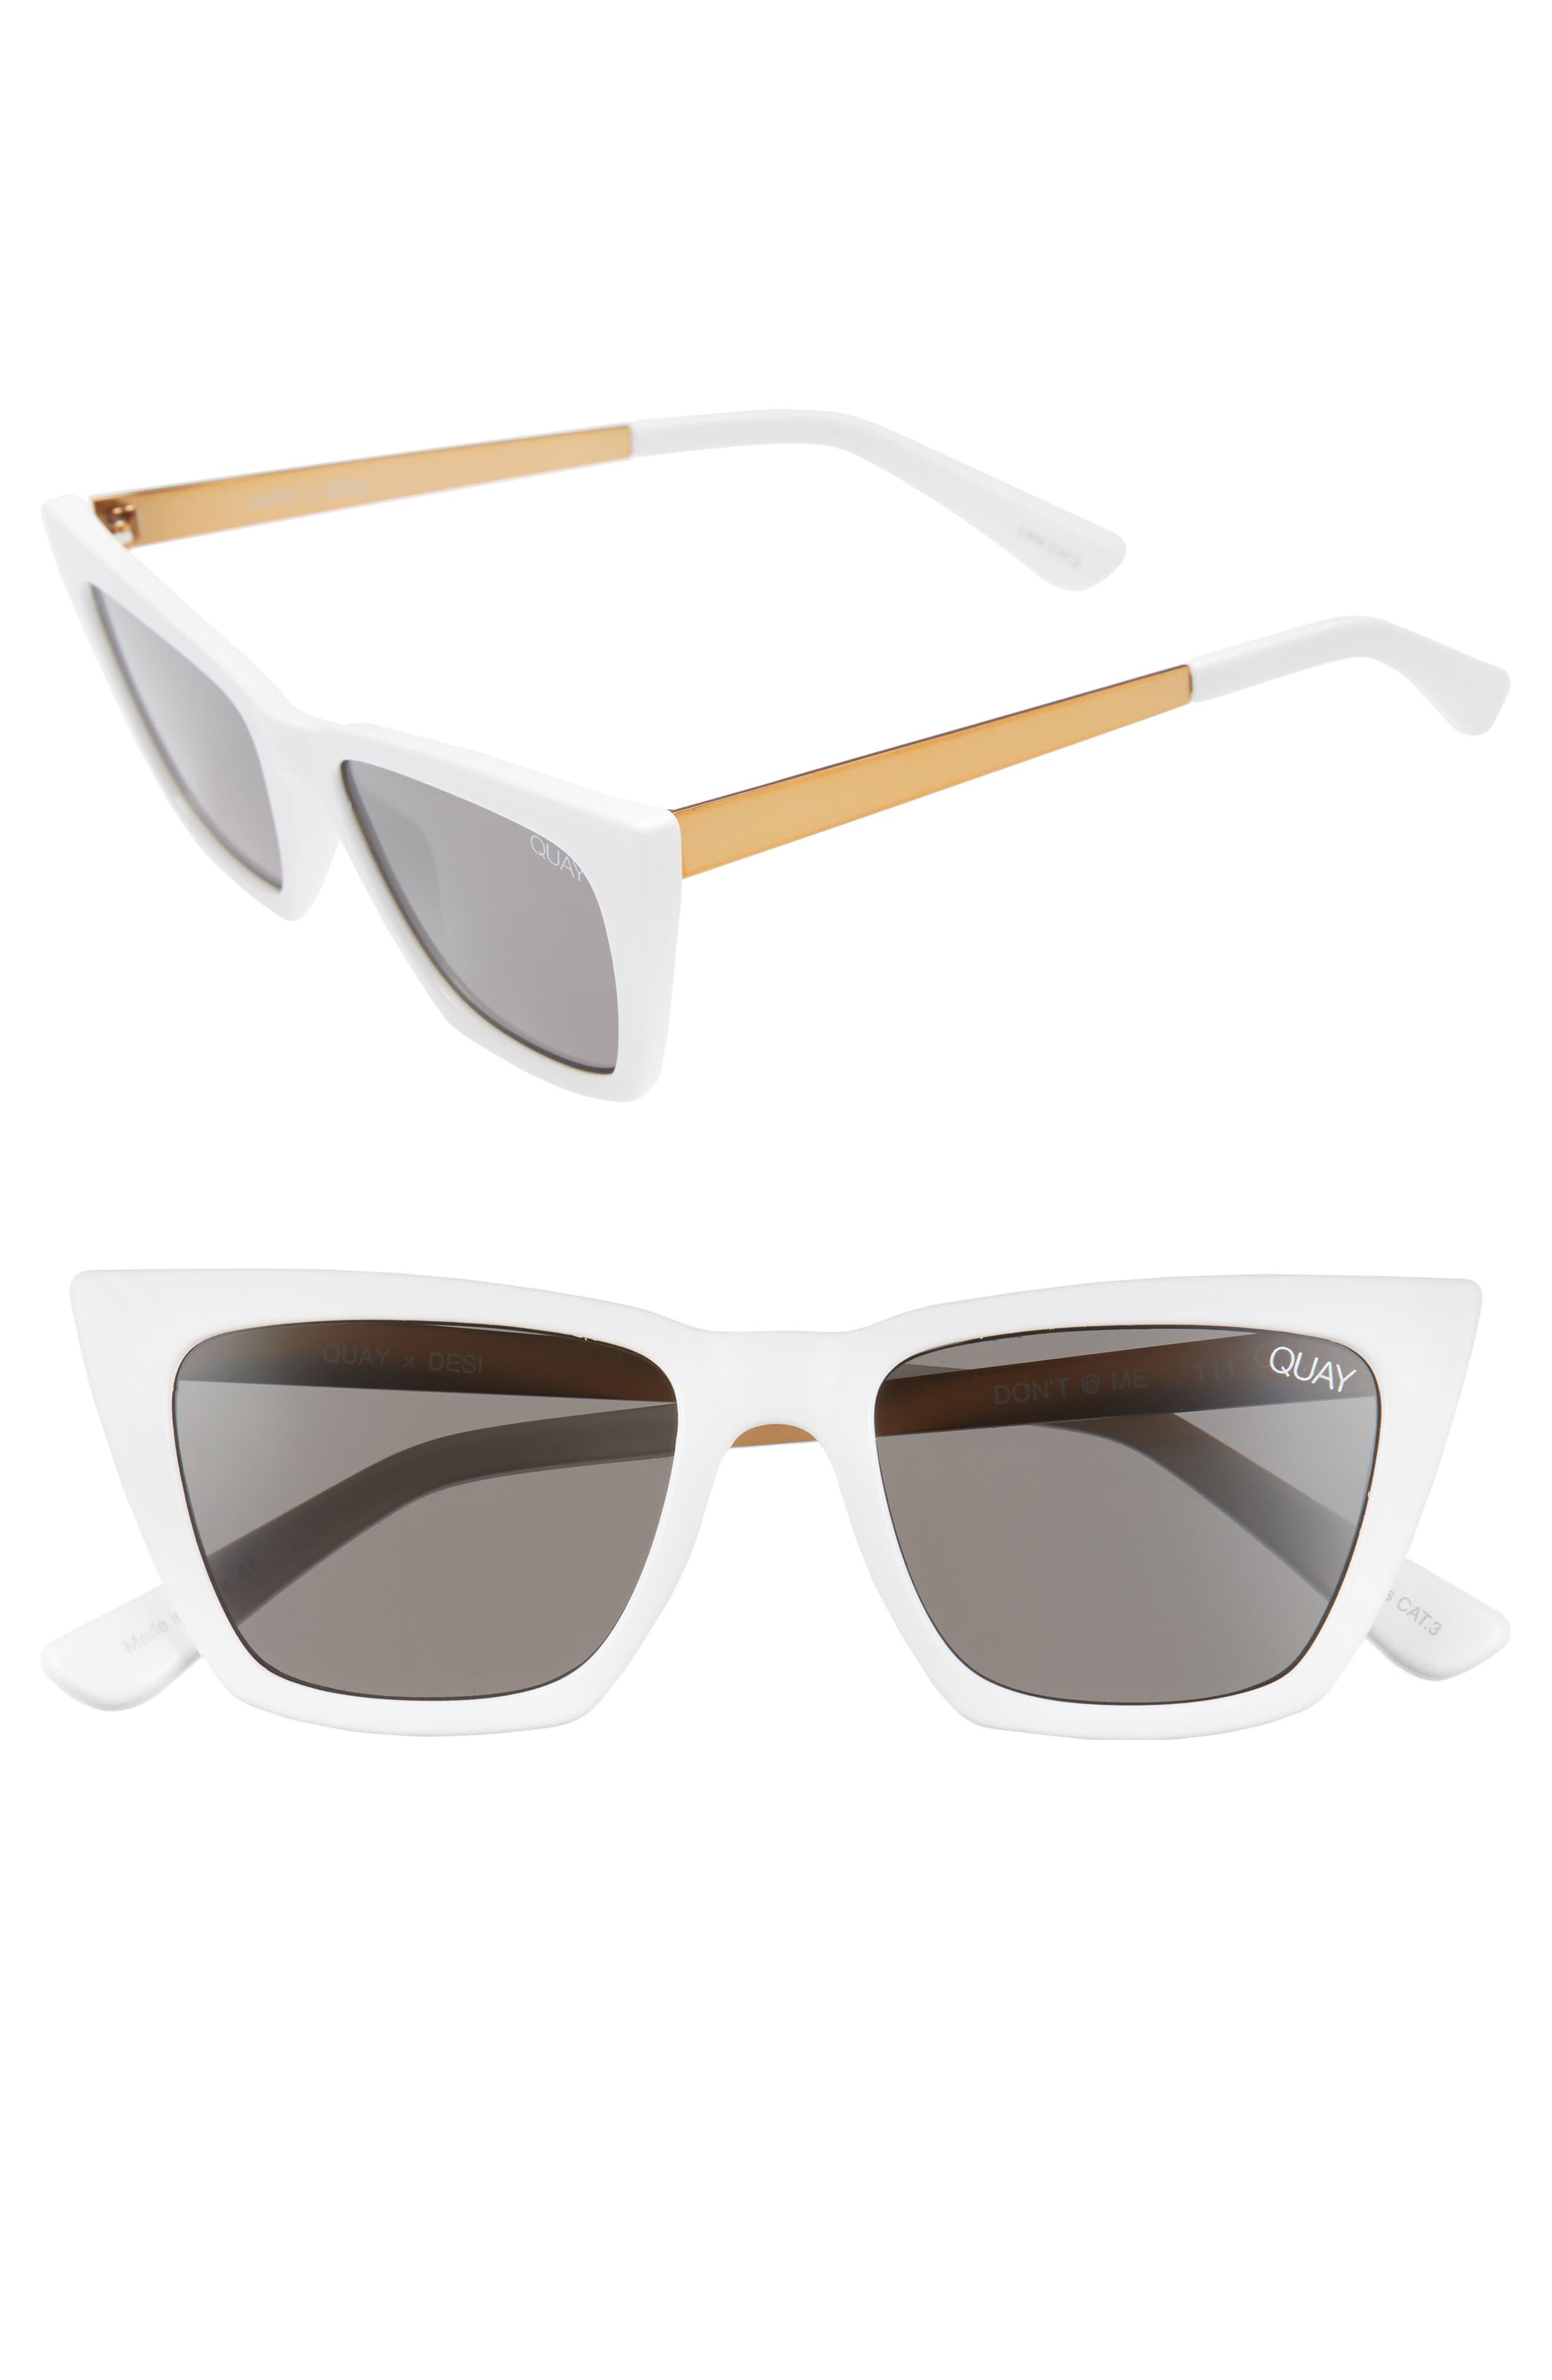 x Desi Perkins Don't @ Me 48mm Cat Eye Sunglasses,                             Main thumbnail 1, color,                             WHITE/ SMOKE